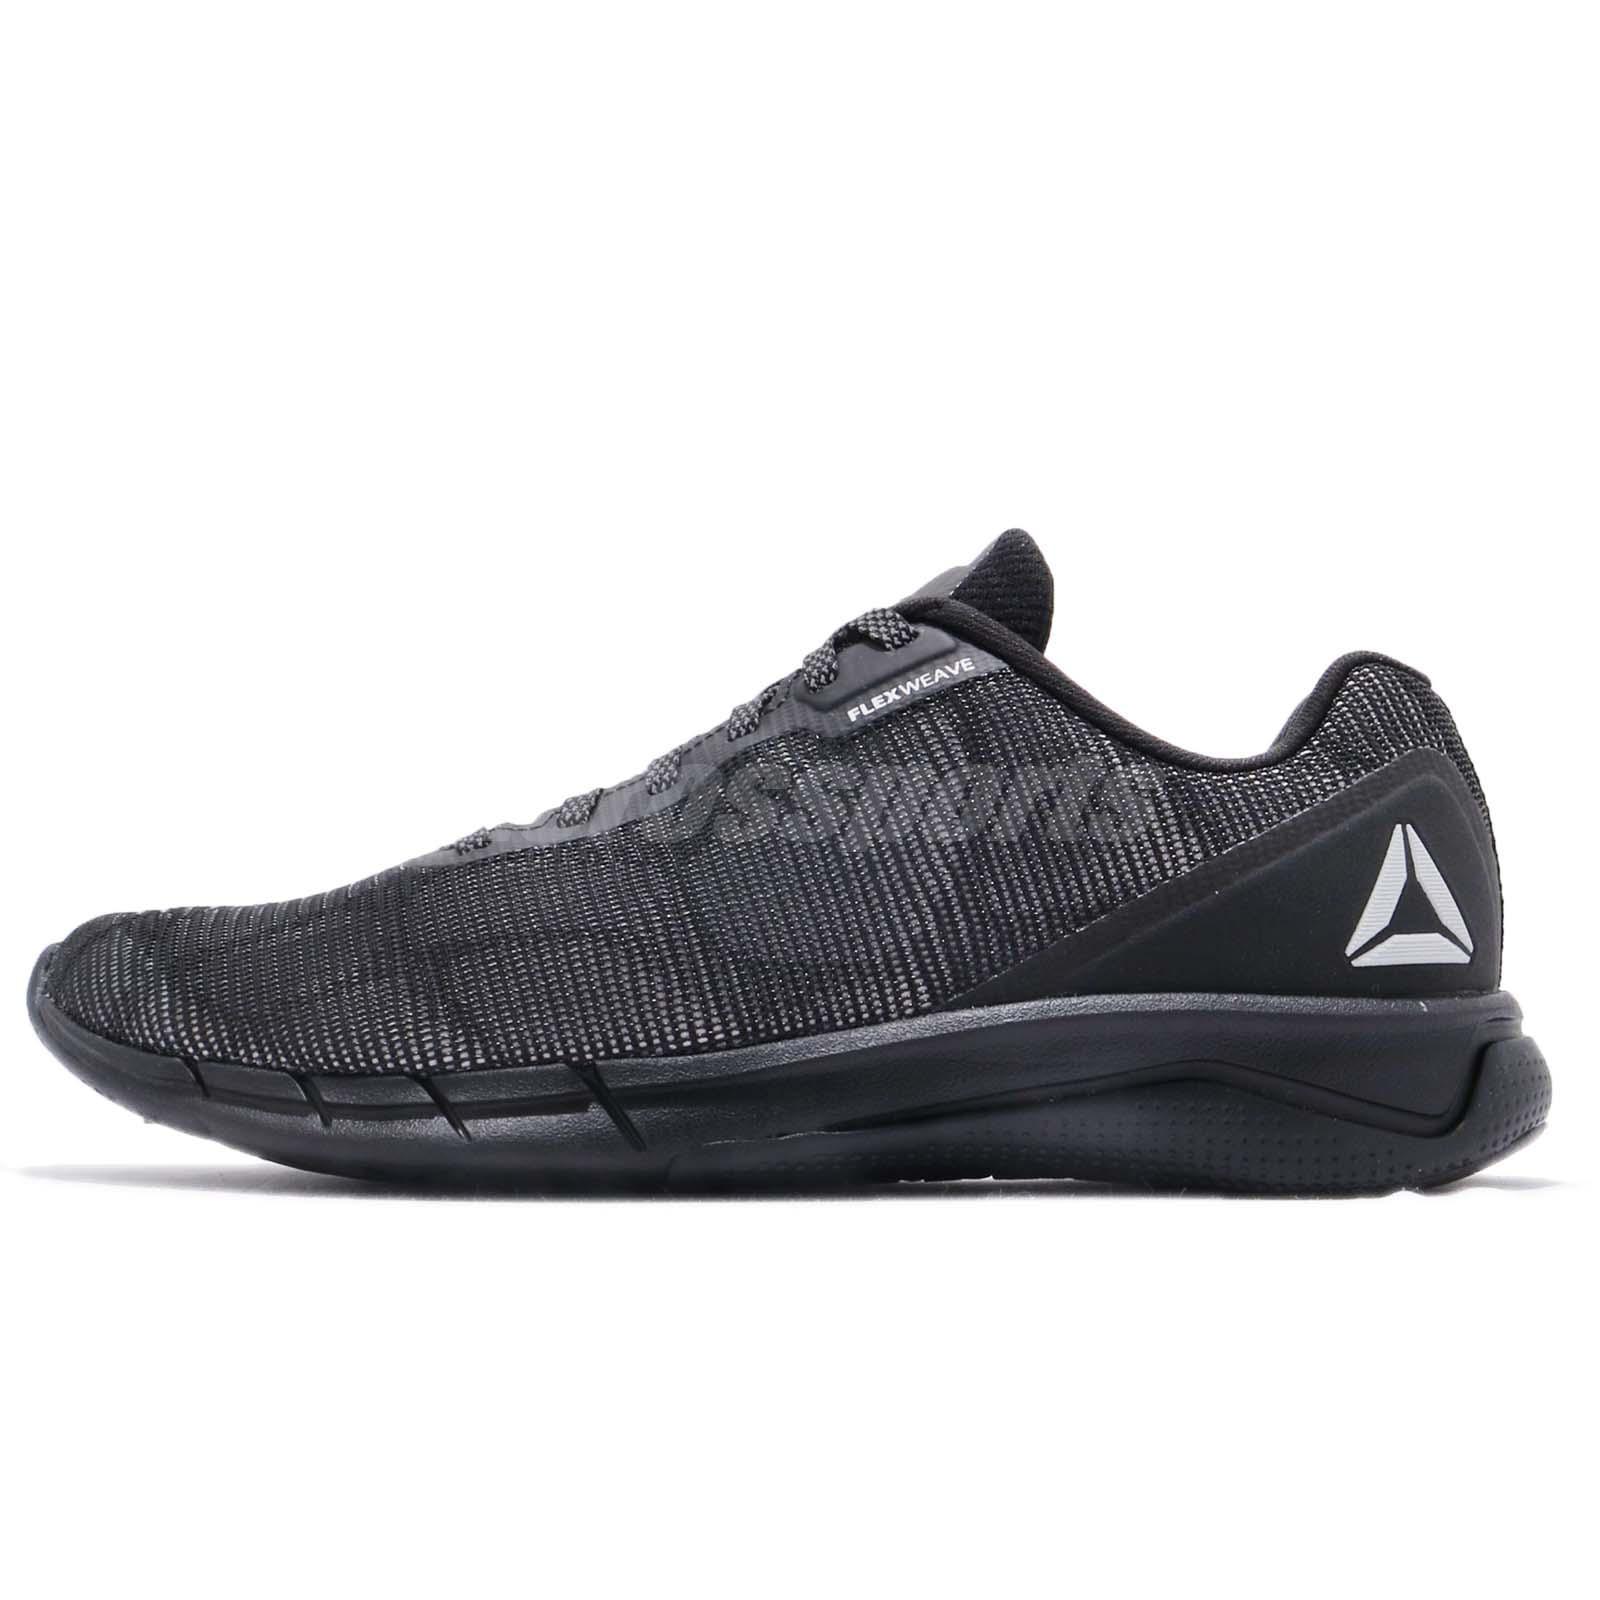 33544c57ffd Reebok Fast Flexweave NT Black Stark Grey Men Running Shoes Sneakers CN5624